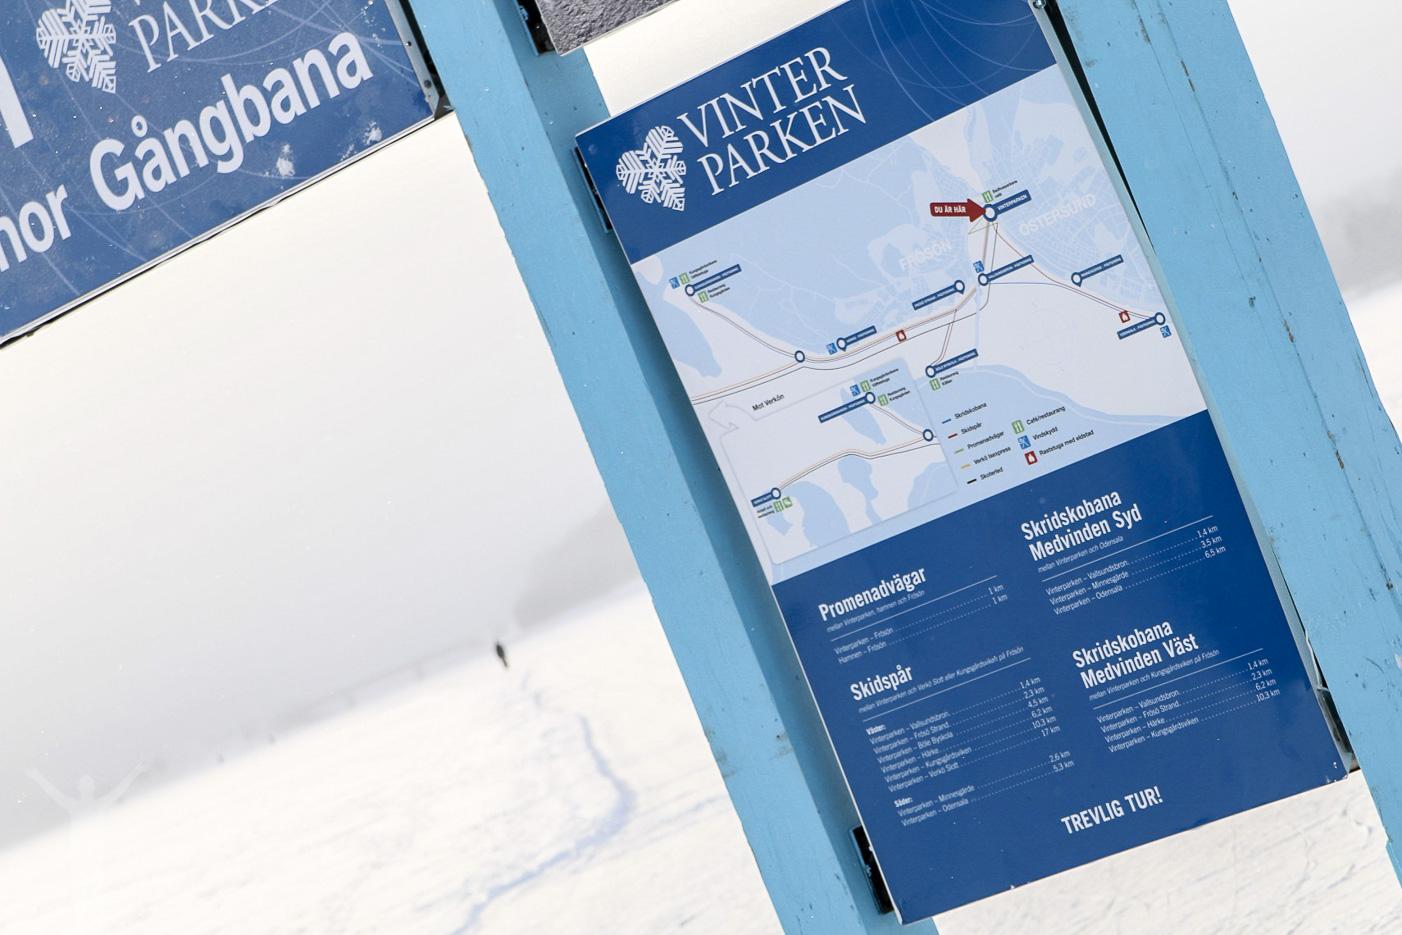 Vinterstaden och Vinterparken